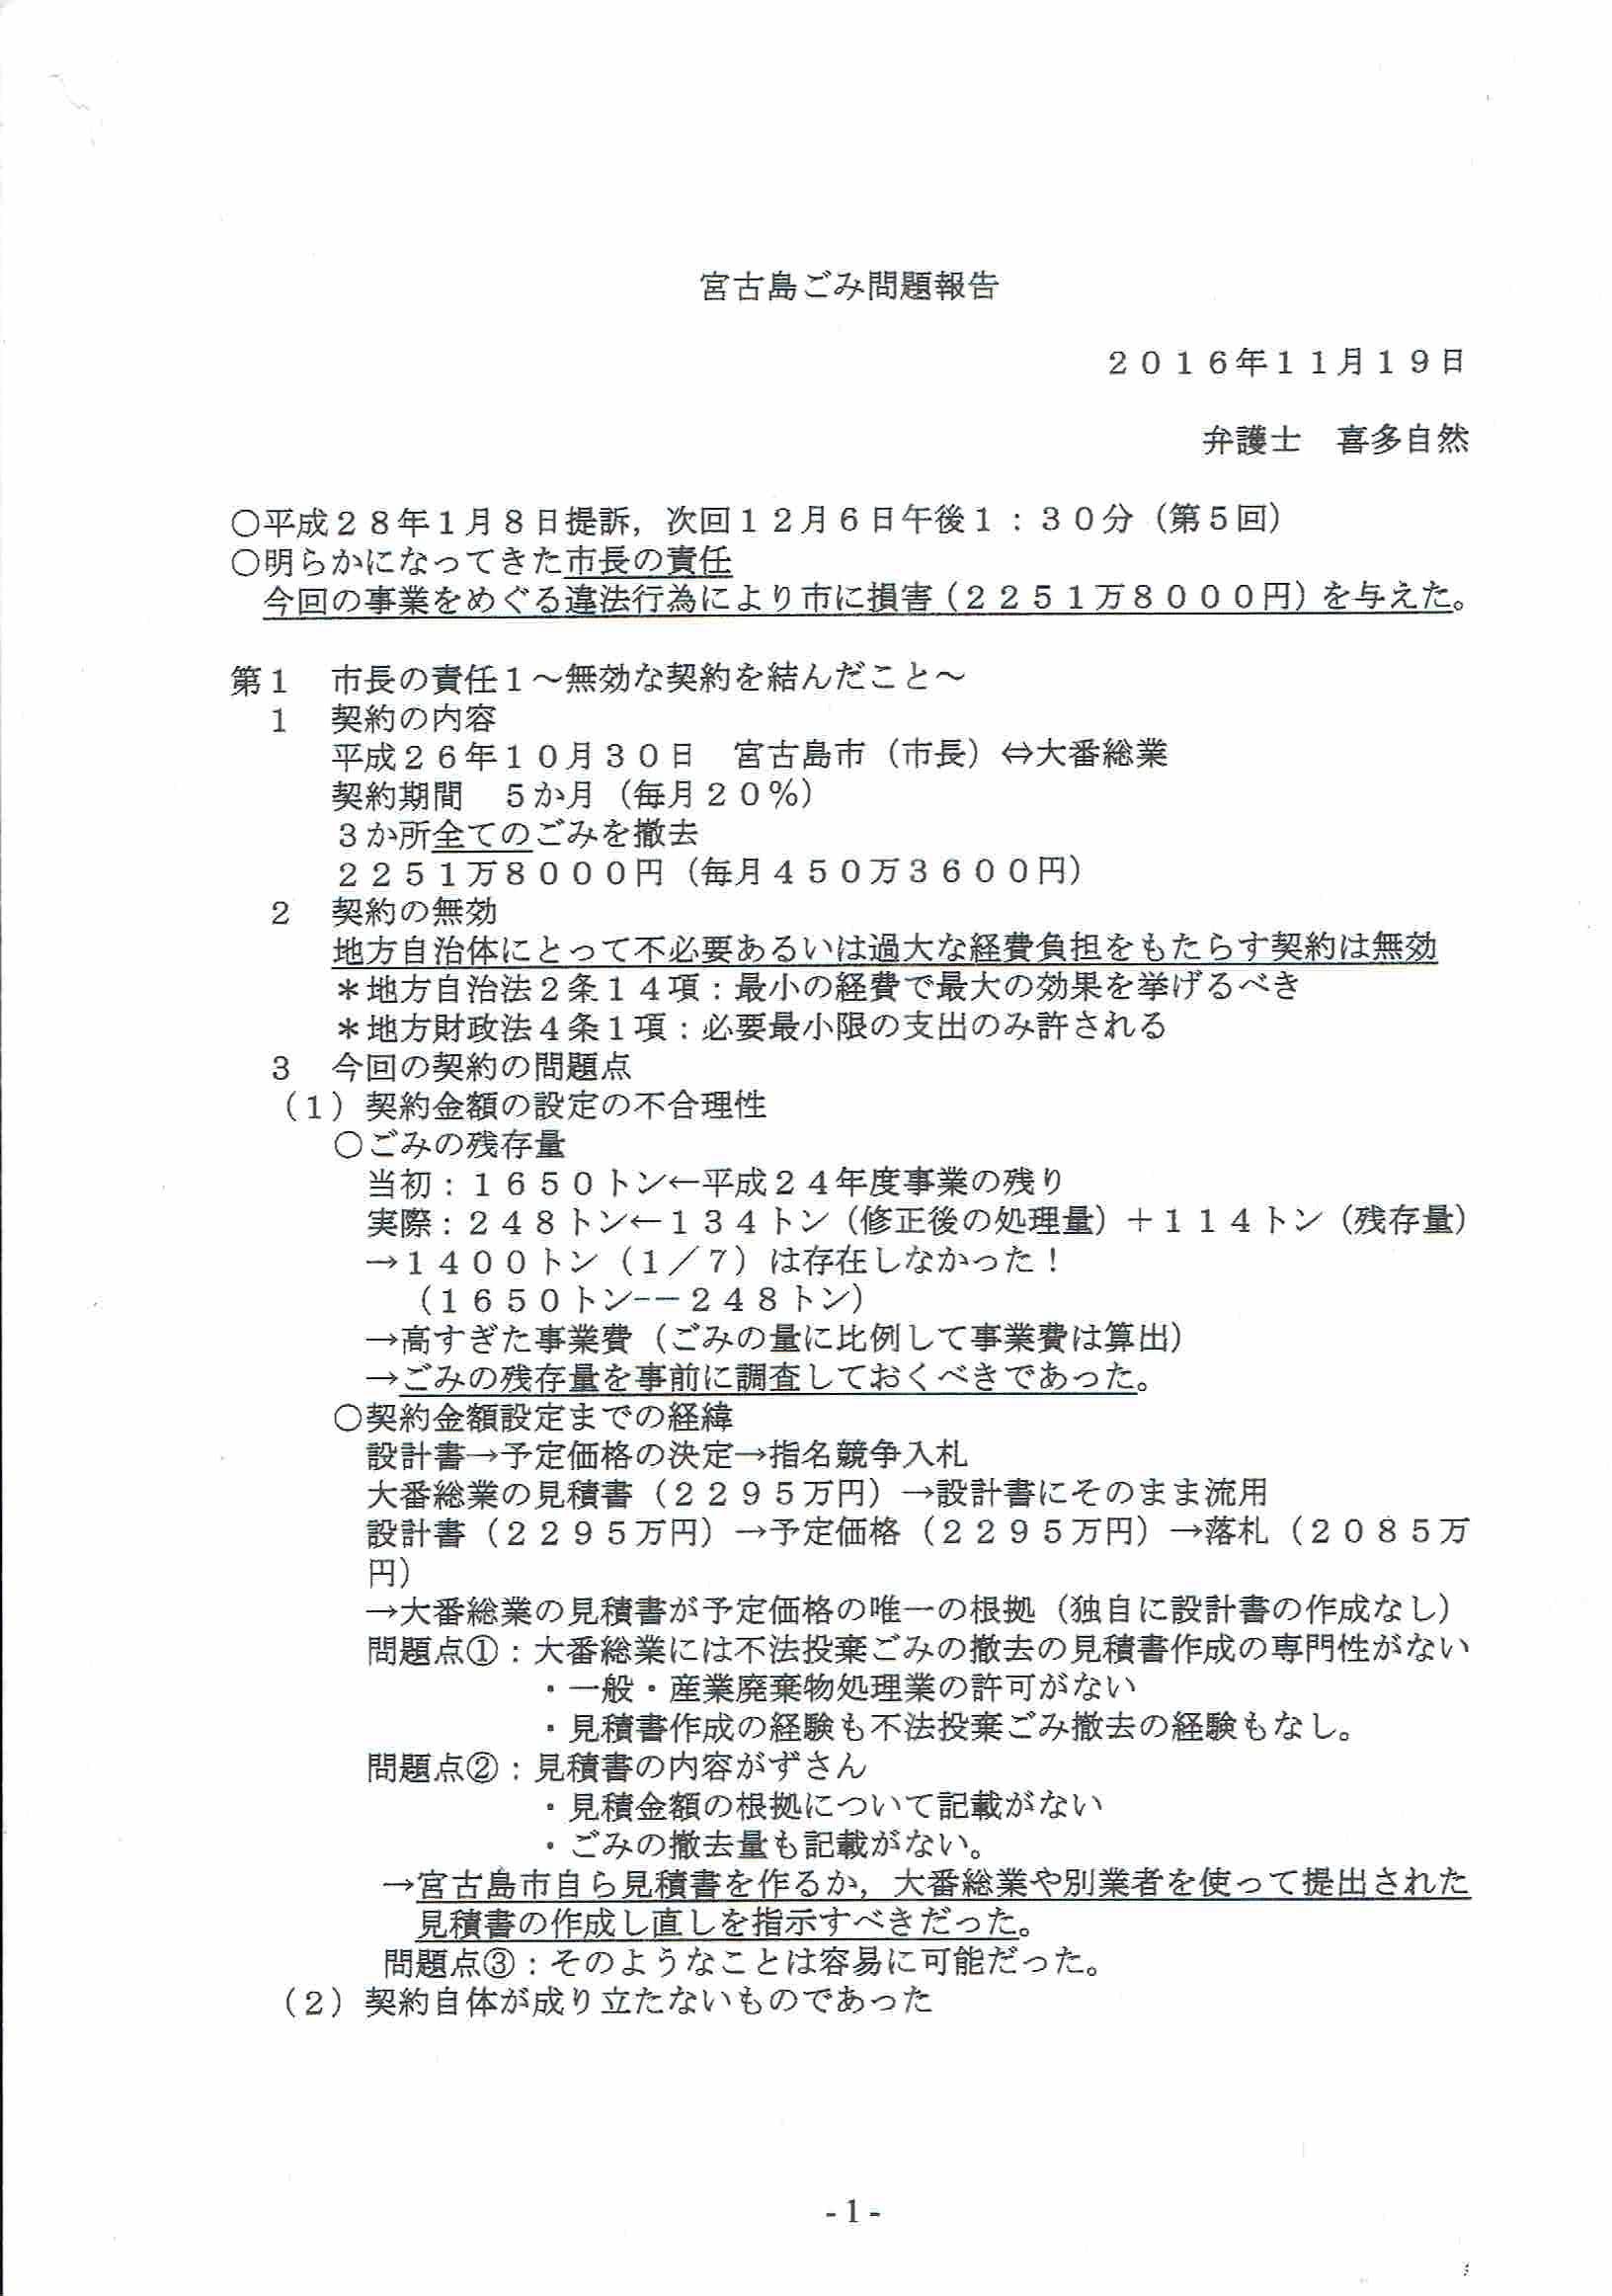 2016 1119 喜多弁護士報告01